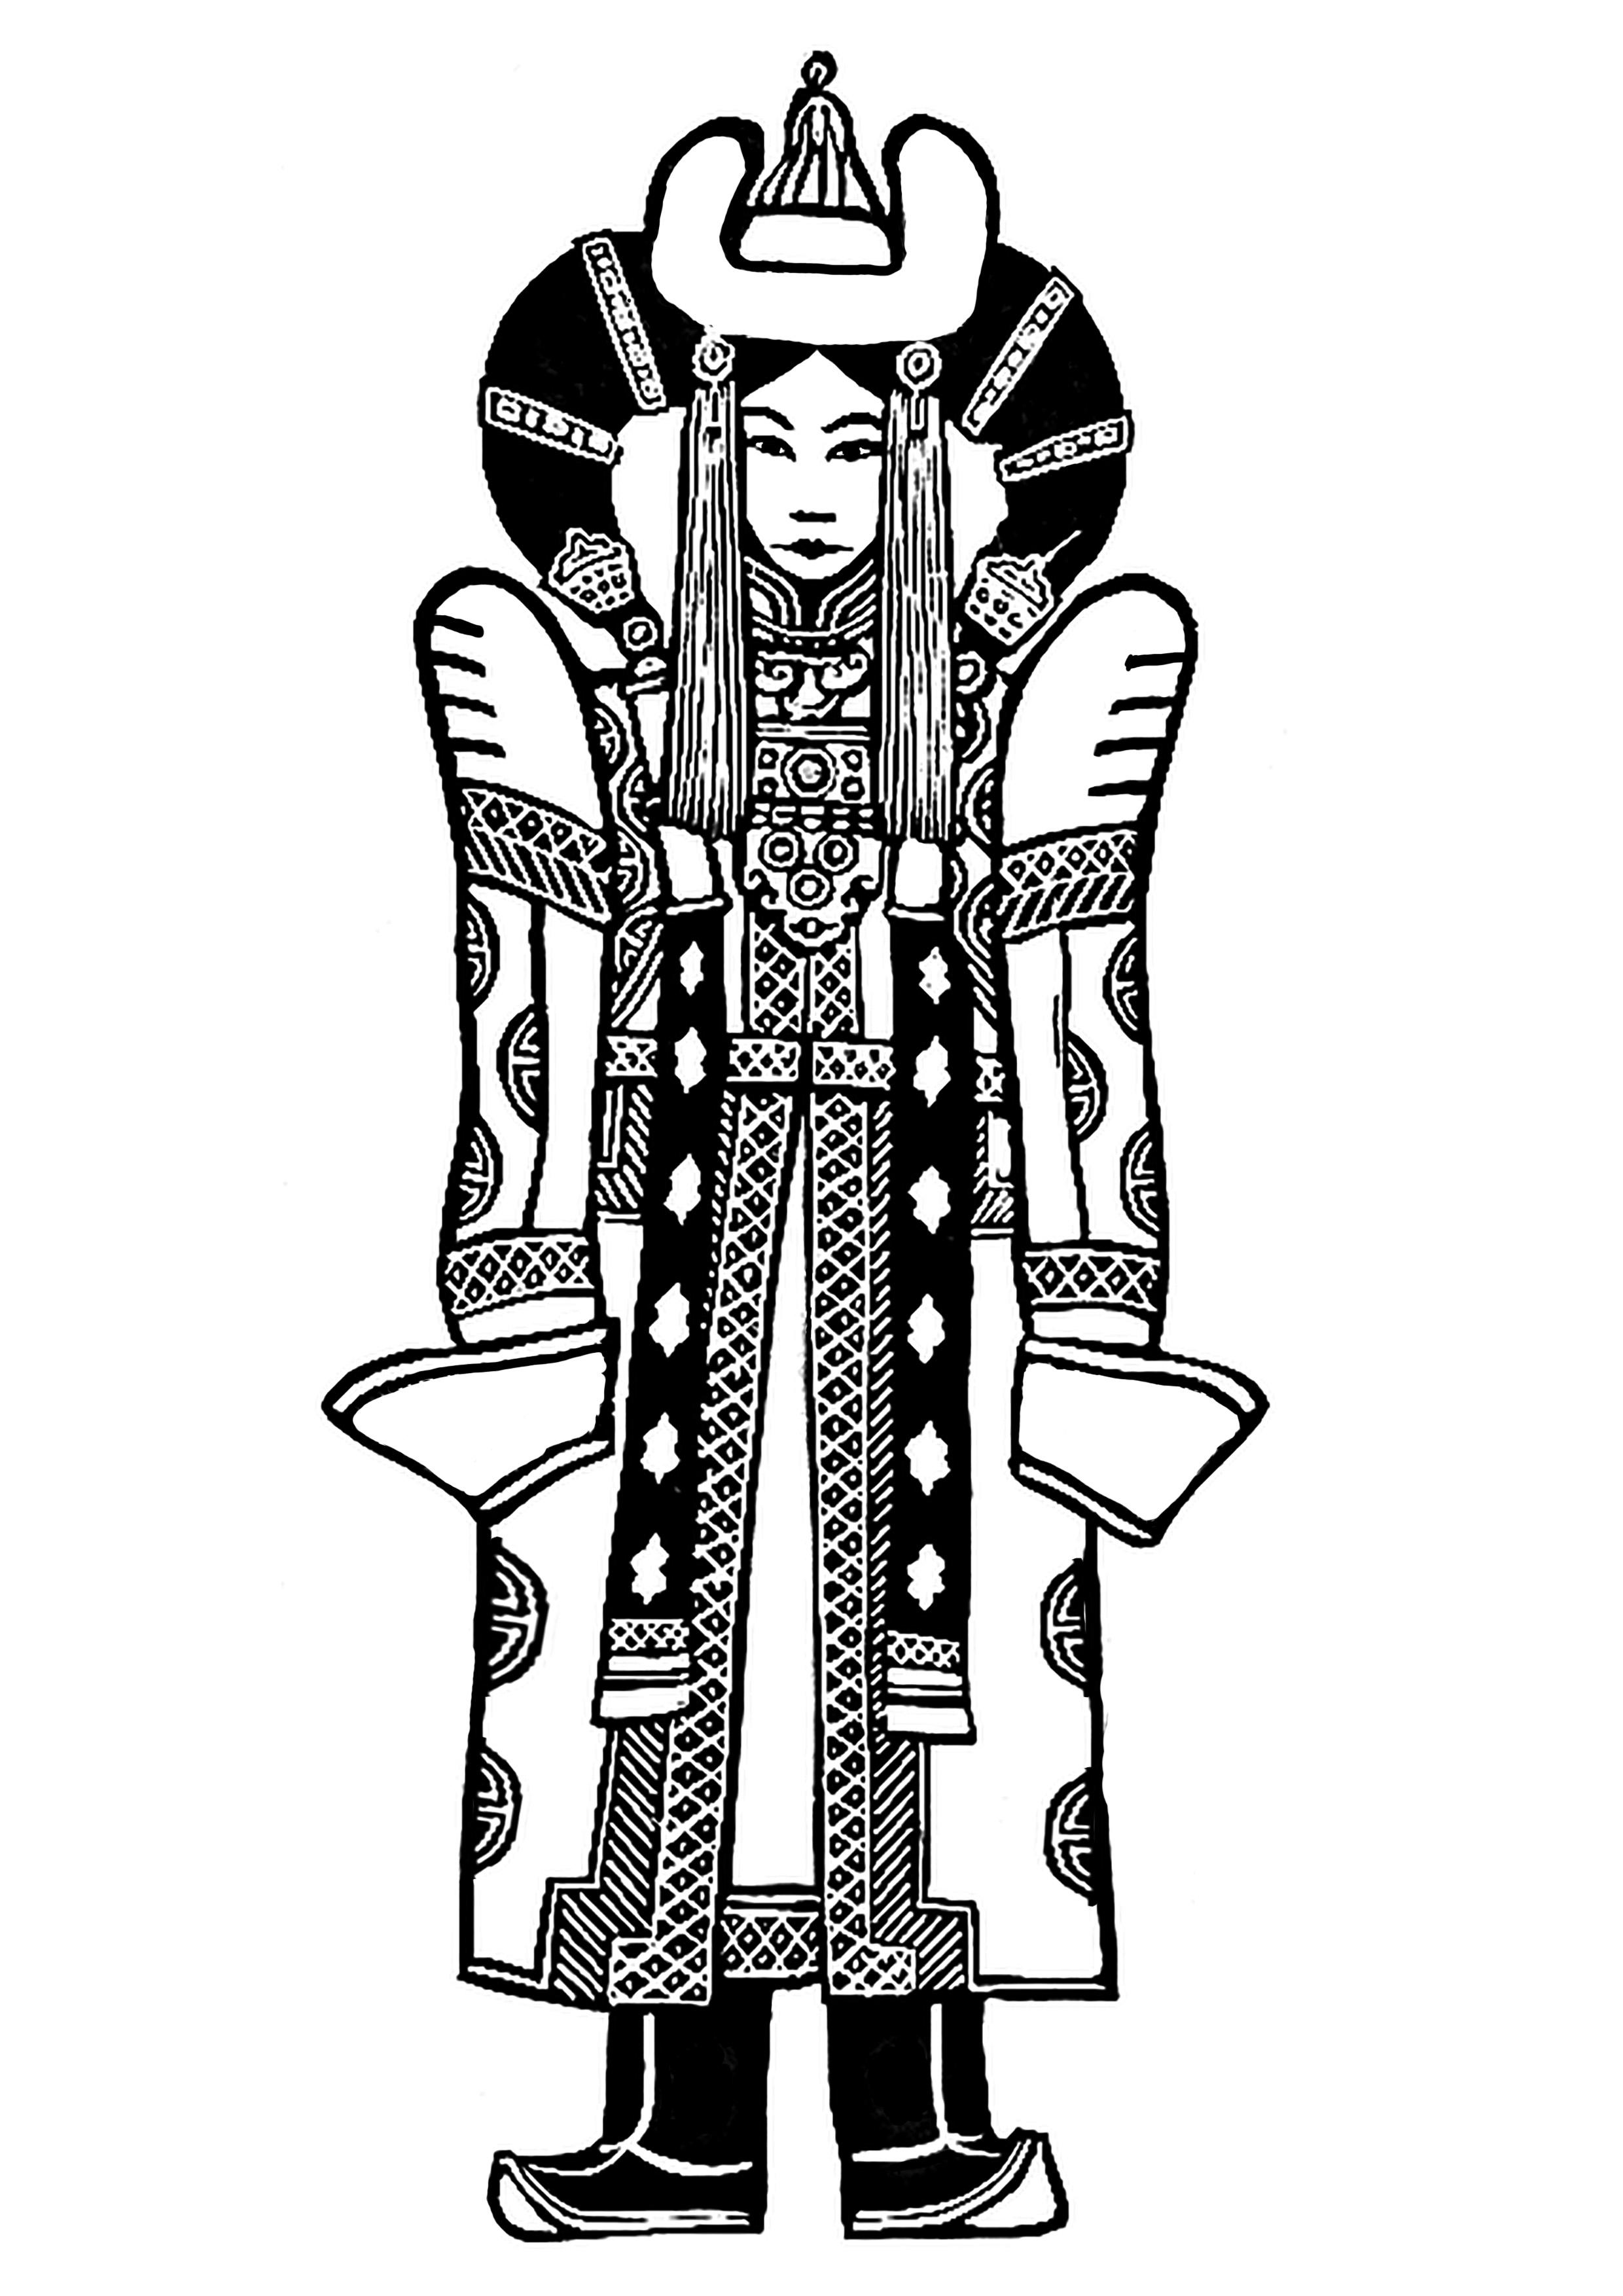 Tenue traditionnelle et impériale Mongole (11e / 12e siècle). A inspiré Georges Lucas pour la tenue de Padmé dans Star Wars Episode 1 ! | A partir de la galerie : Chine Asie